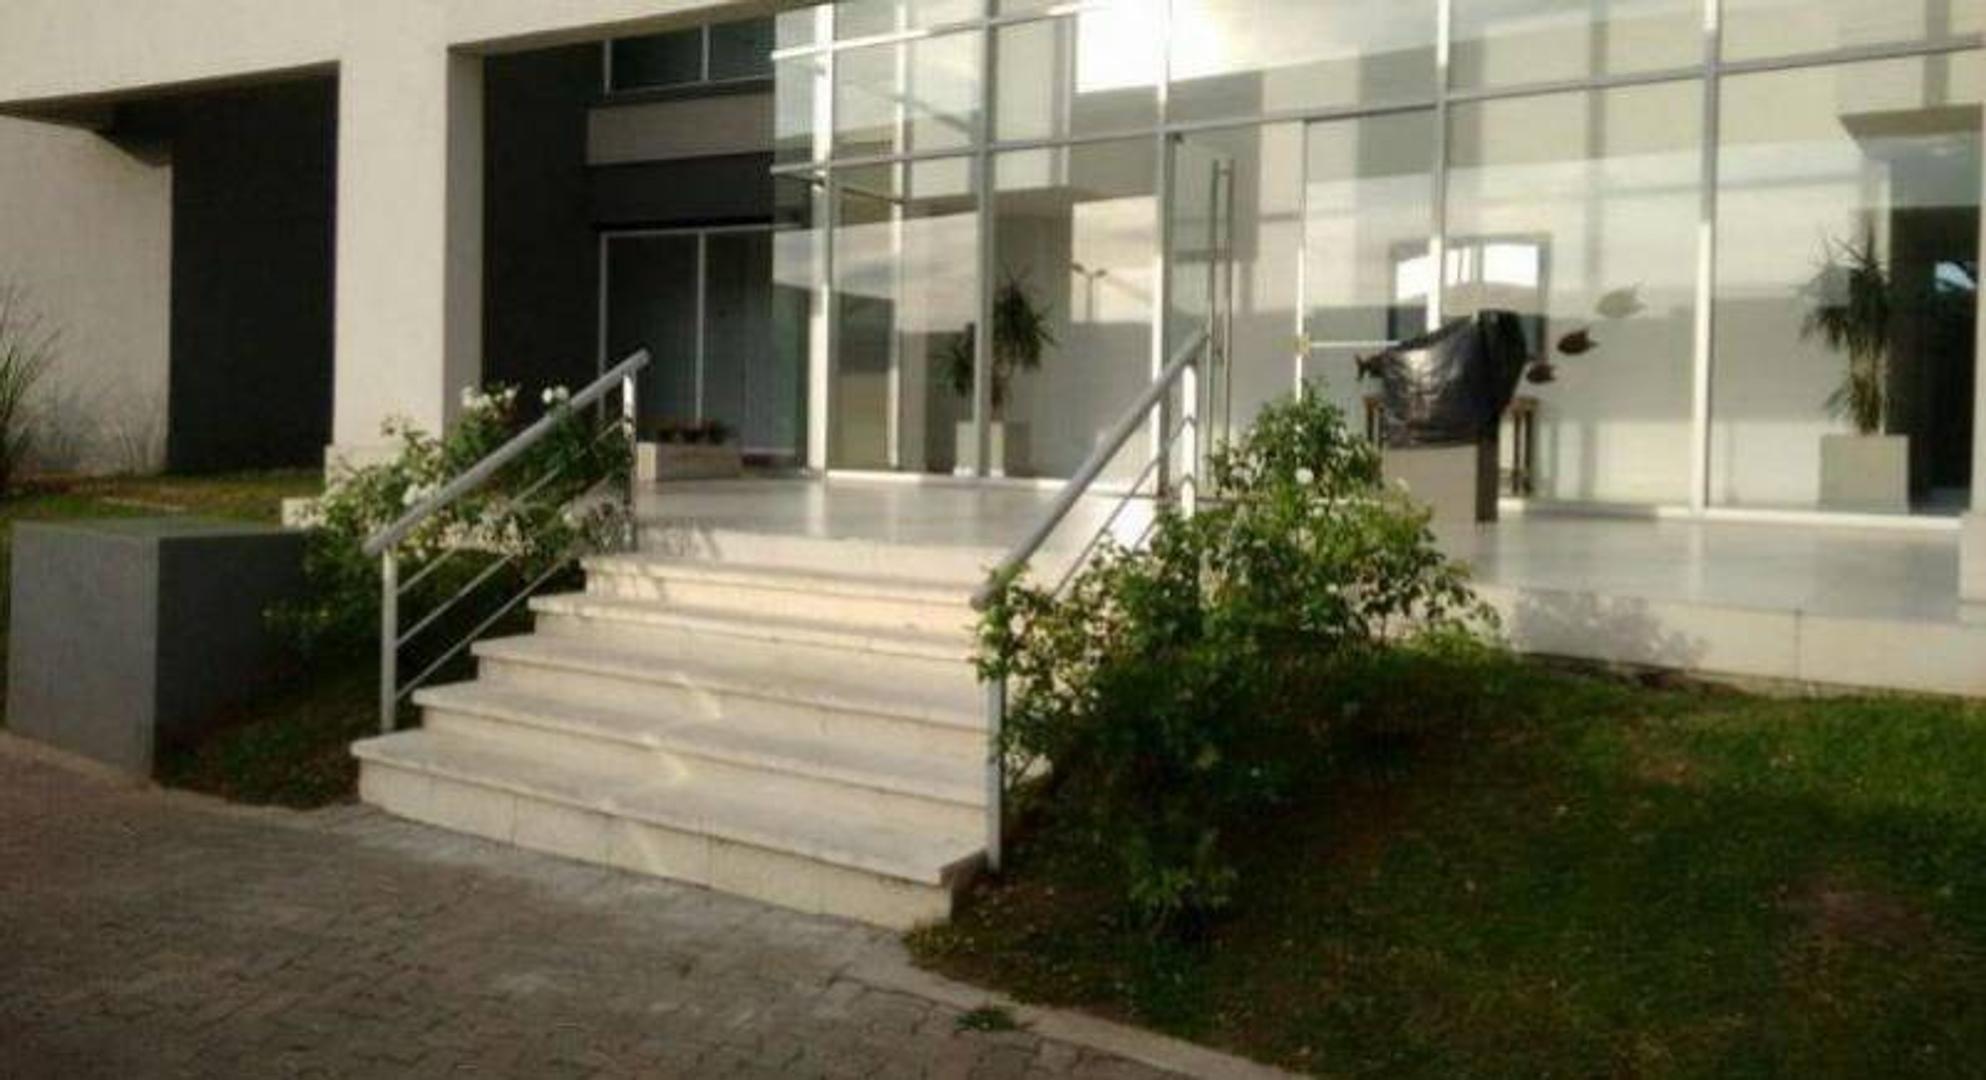 Departamento en Venta - 3 ambientes - USD 255.000